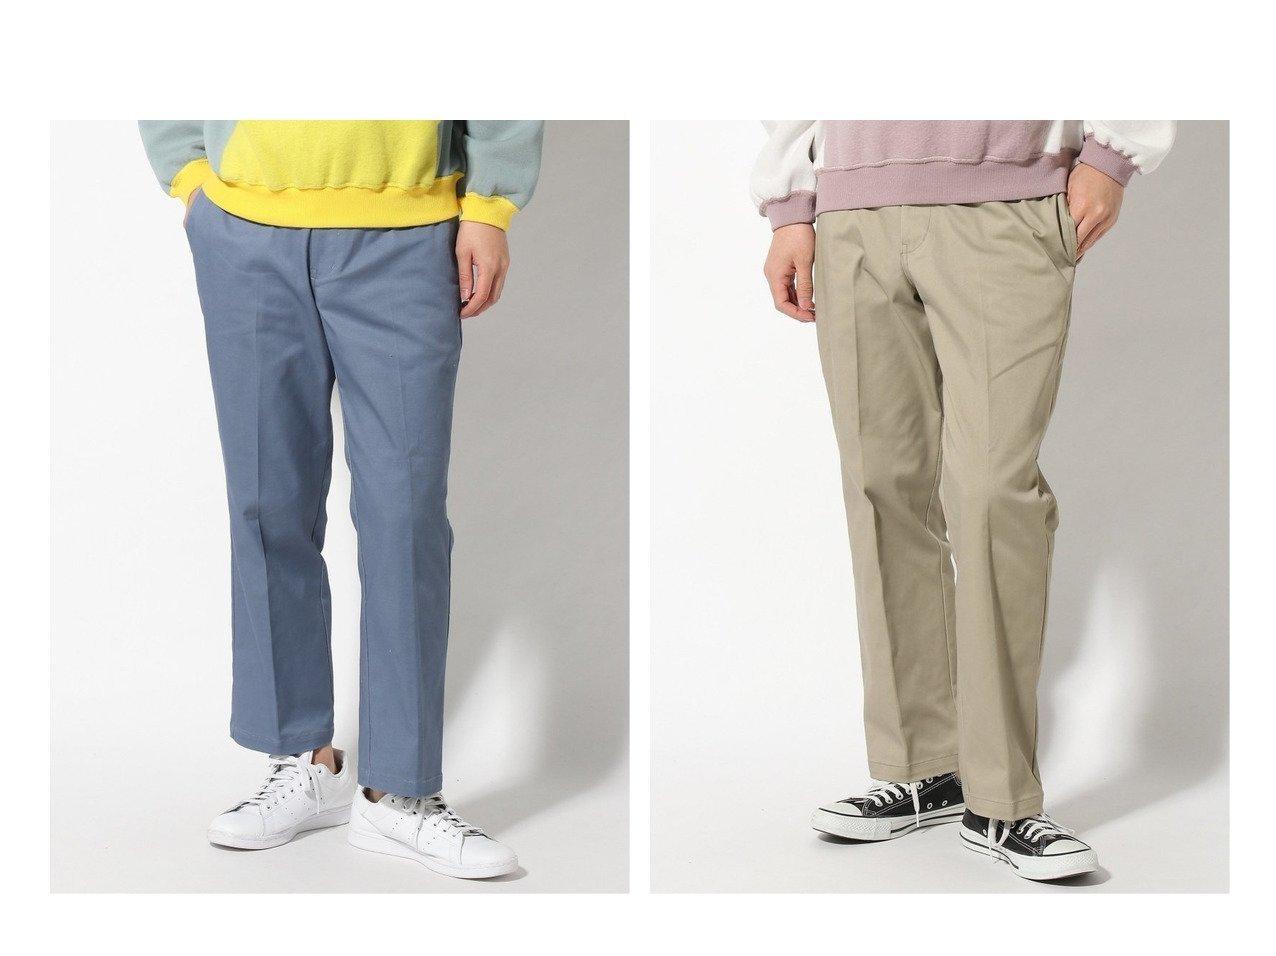 【JOURNAL STANDARD relume / MEN/ジャーナルスタンダード レリューム】のSan Francisco Skate Pants 【MEN】おすすめ!人気トレンド・男性、メンズファッションの通販  おすすめで人気の流行・トレンド、ファッションの通販商品 メンズファッション・キッズファッション・インテリア・家具・レディースファッション・服の通販 founy(ファニー) https://founy.com/ ファッション Fashion メンズファッション MEN ボトムス Bottoms Men ジーンズ ストレッチ ストレート スニーカー センター ベーシック レース ワーク |ID:crp329100000022007